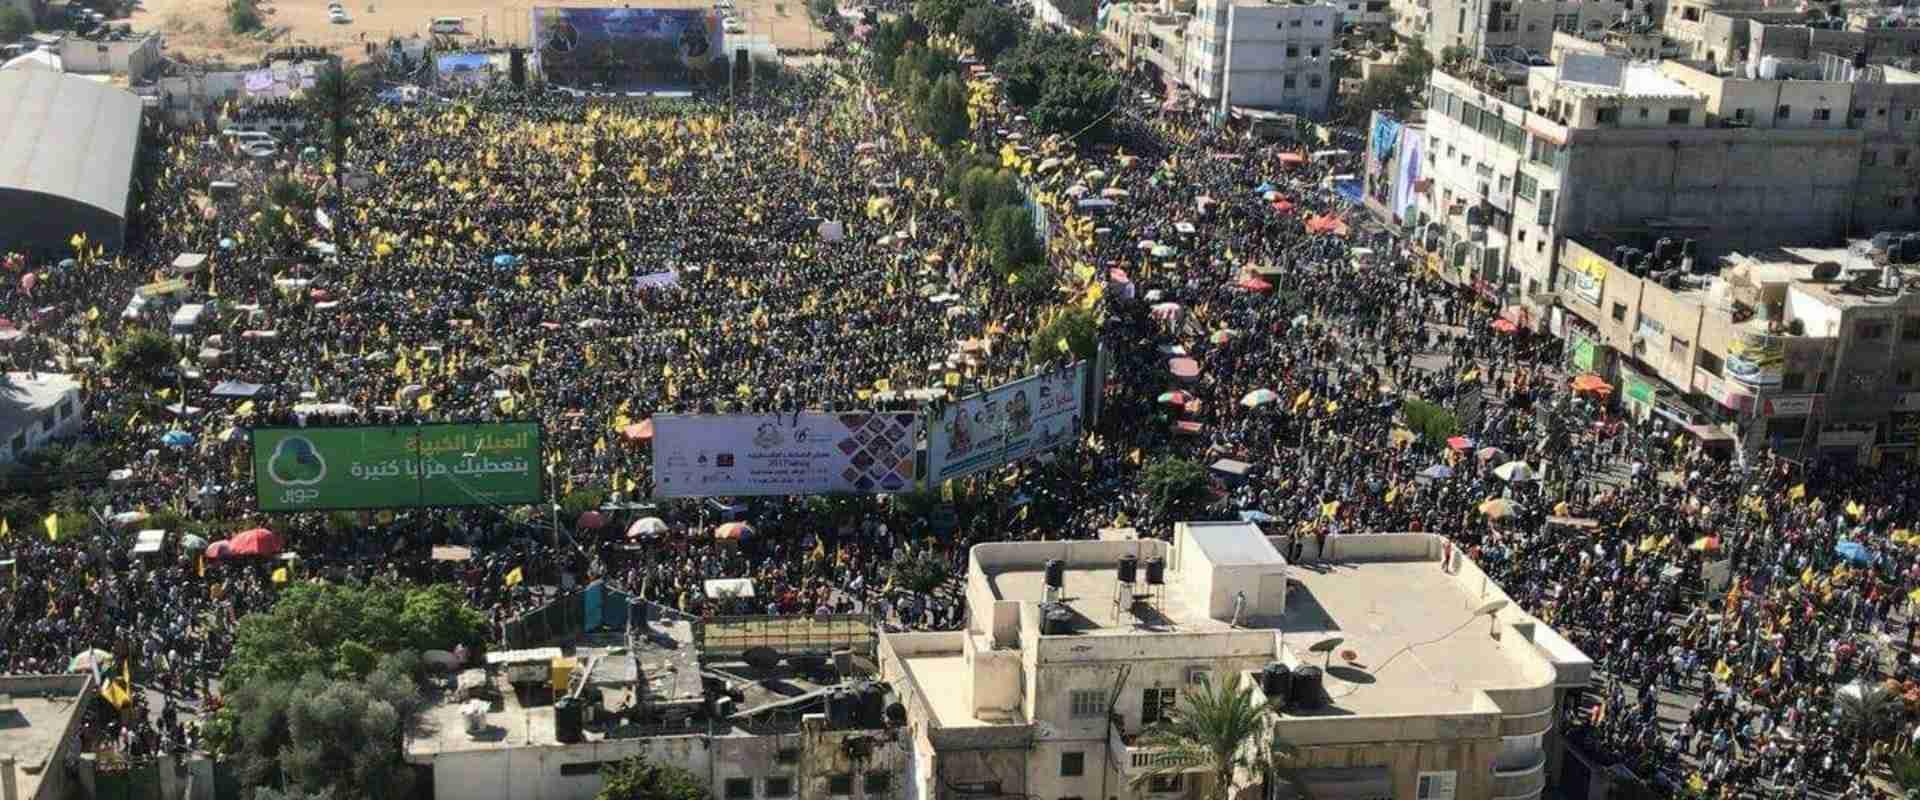 עצרת לציון 13 שנים למותו של יאסר ערפאת בעיר עזה